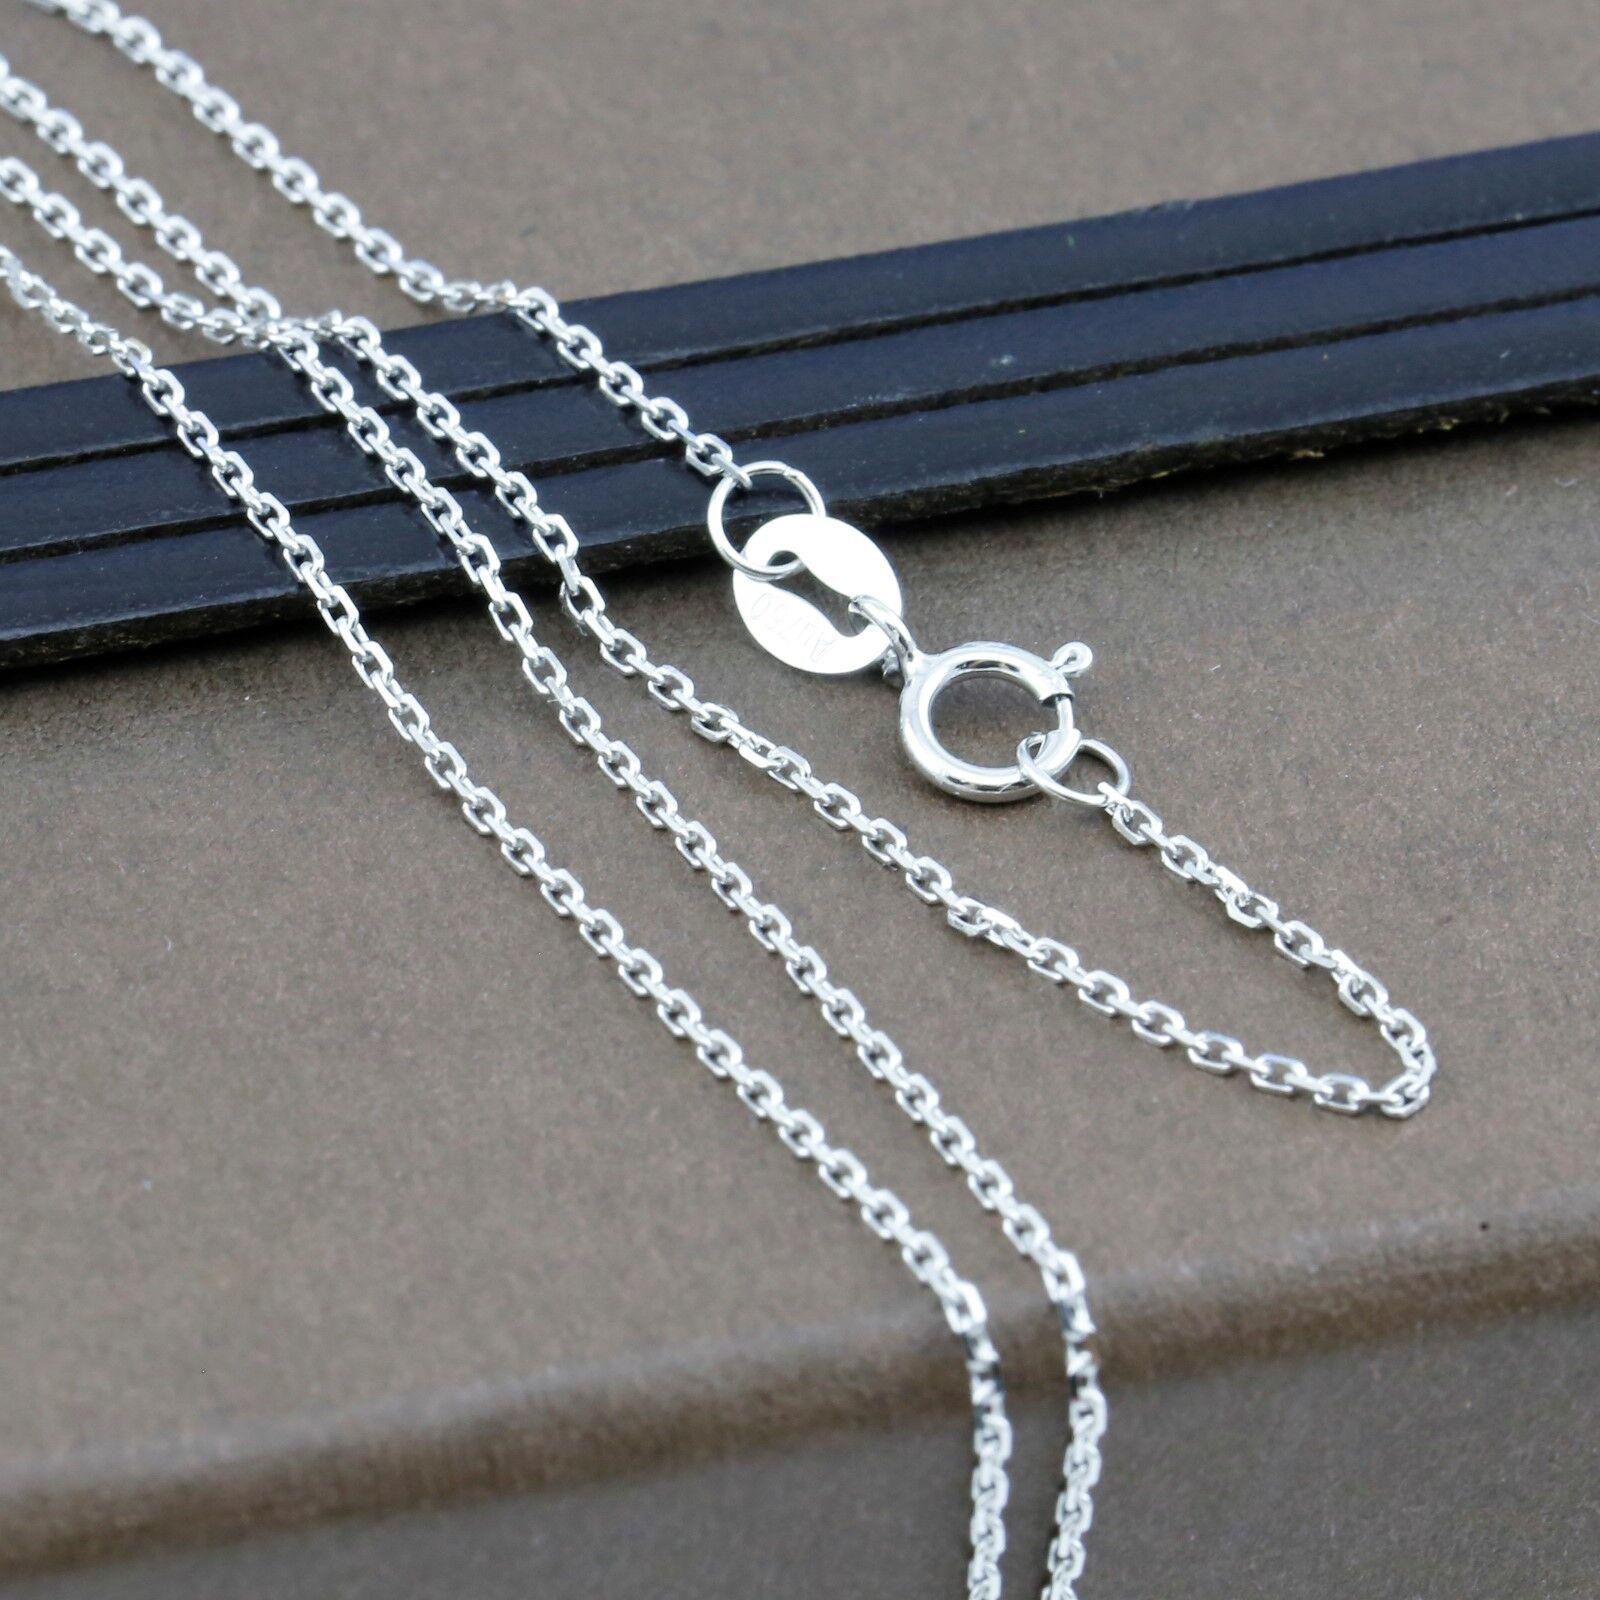 Genuine 18CT Solid WG Fine Square Trace Chain 45cm  Made